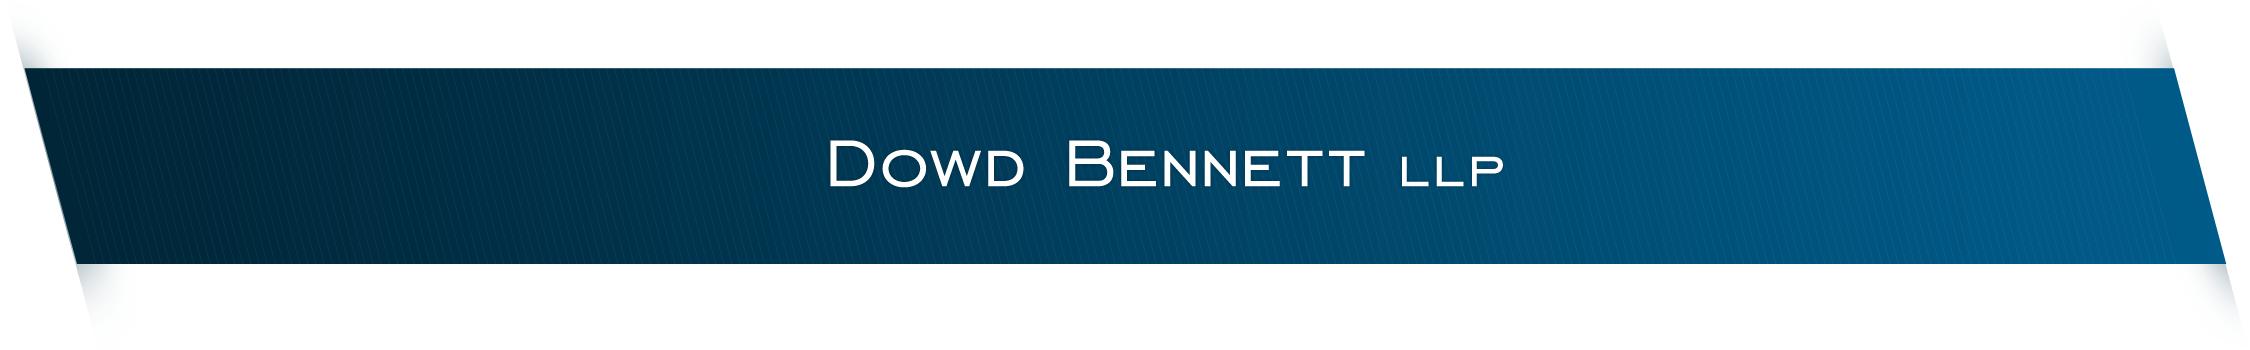 Dowd Bennett